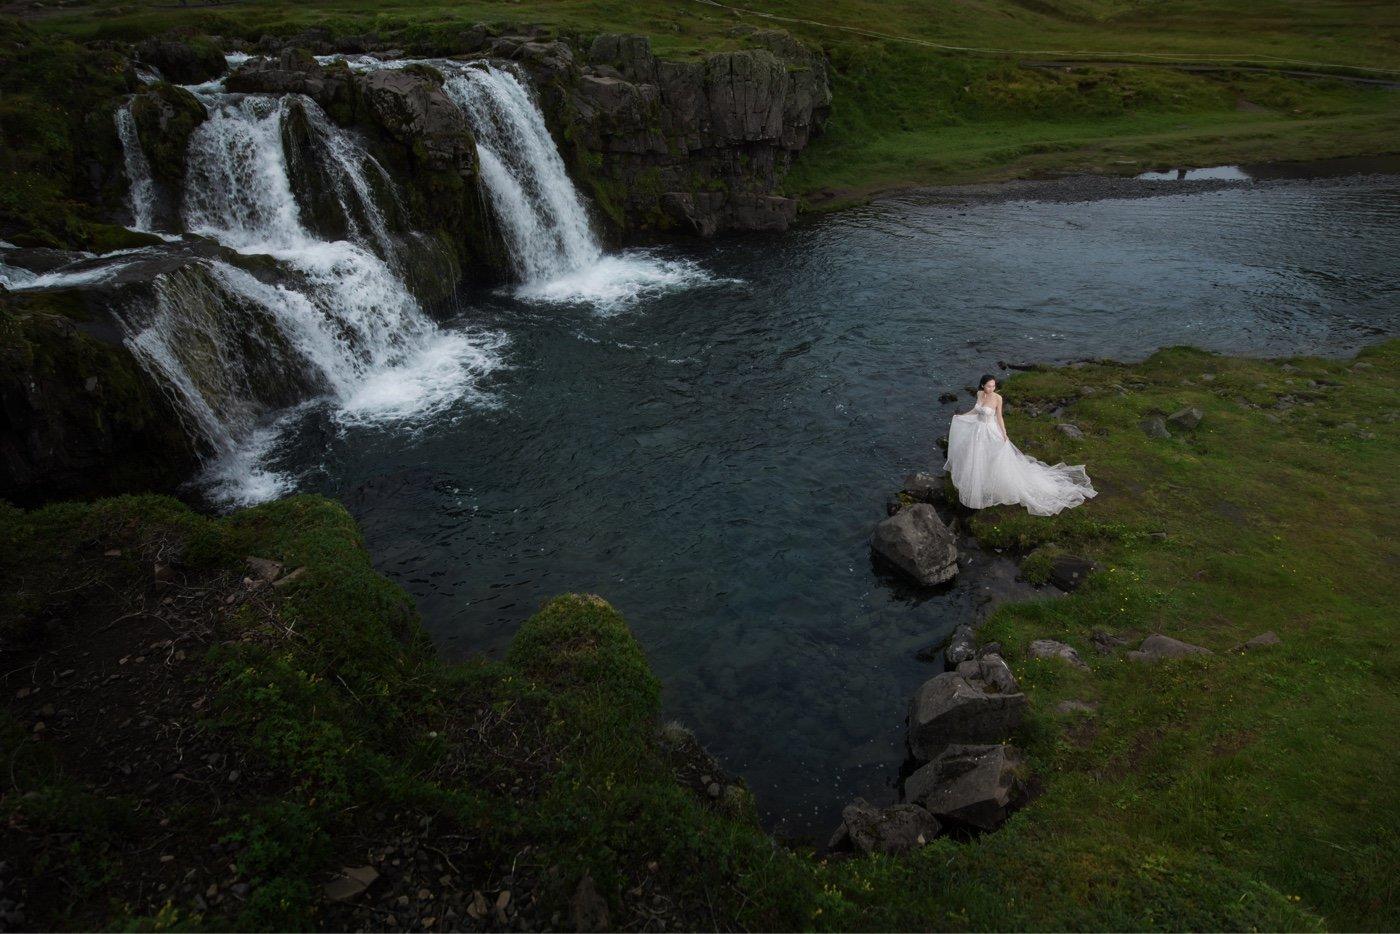 MoFoTo 冰岛婚纱旅拍46